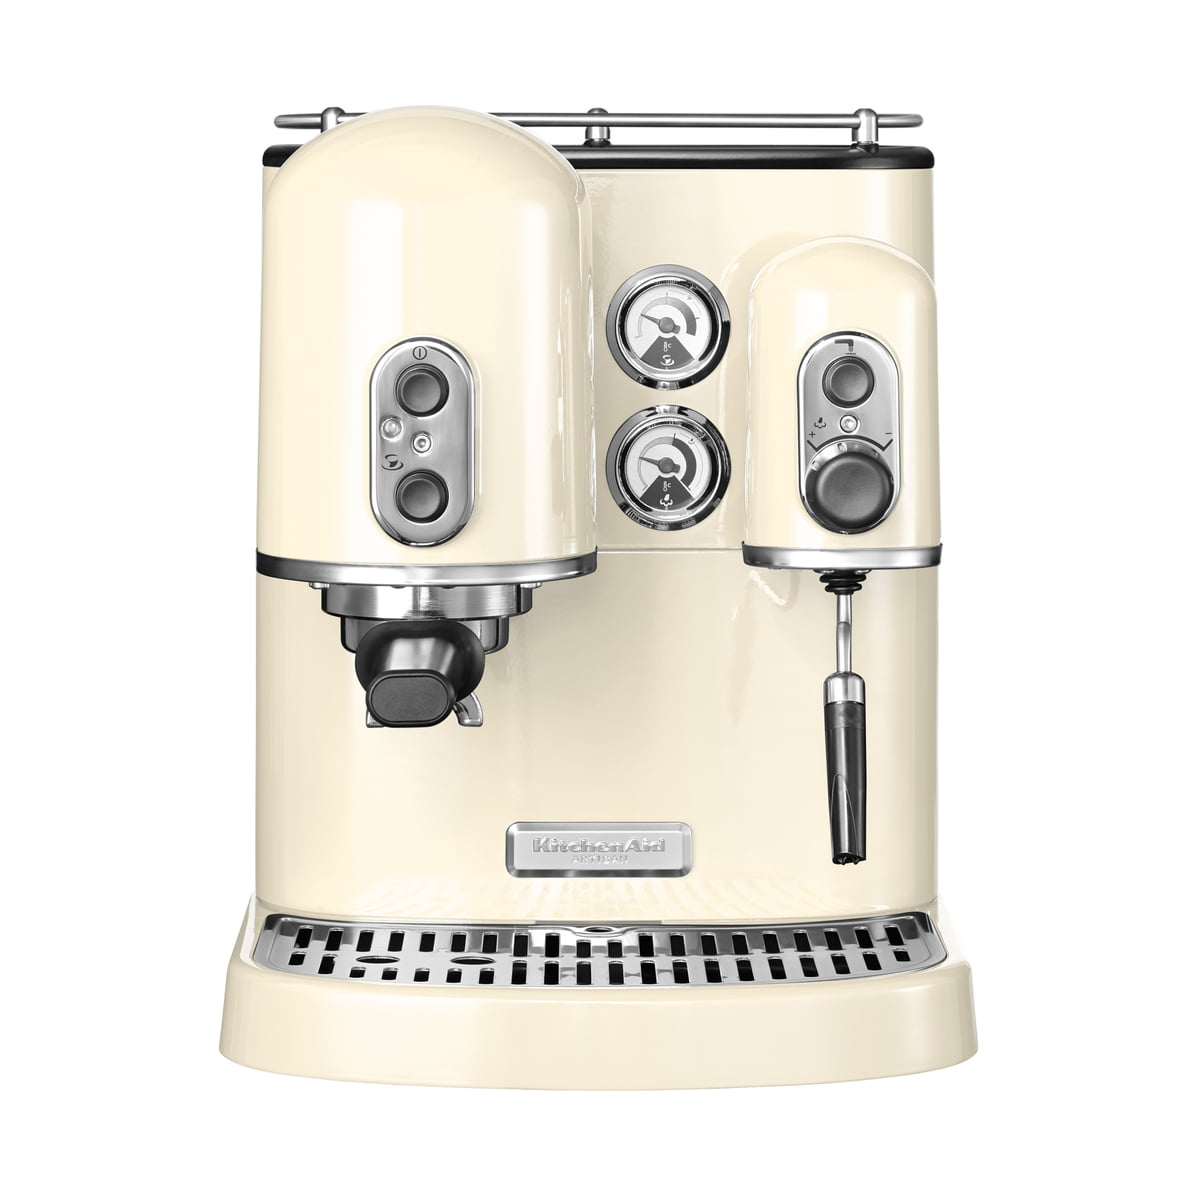 artisan espressomaschine von kitchenaid connox. Black Bedroom Furniture Sets. Home Design Ideas